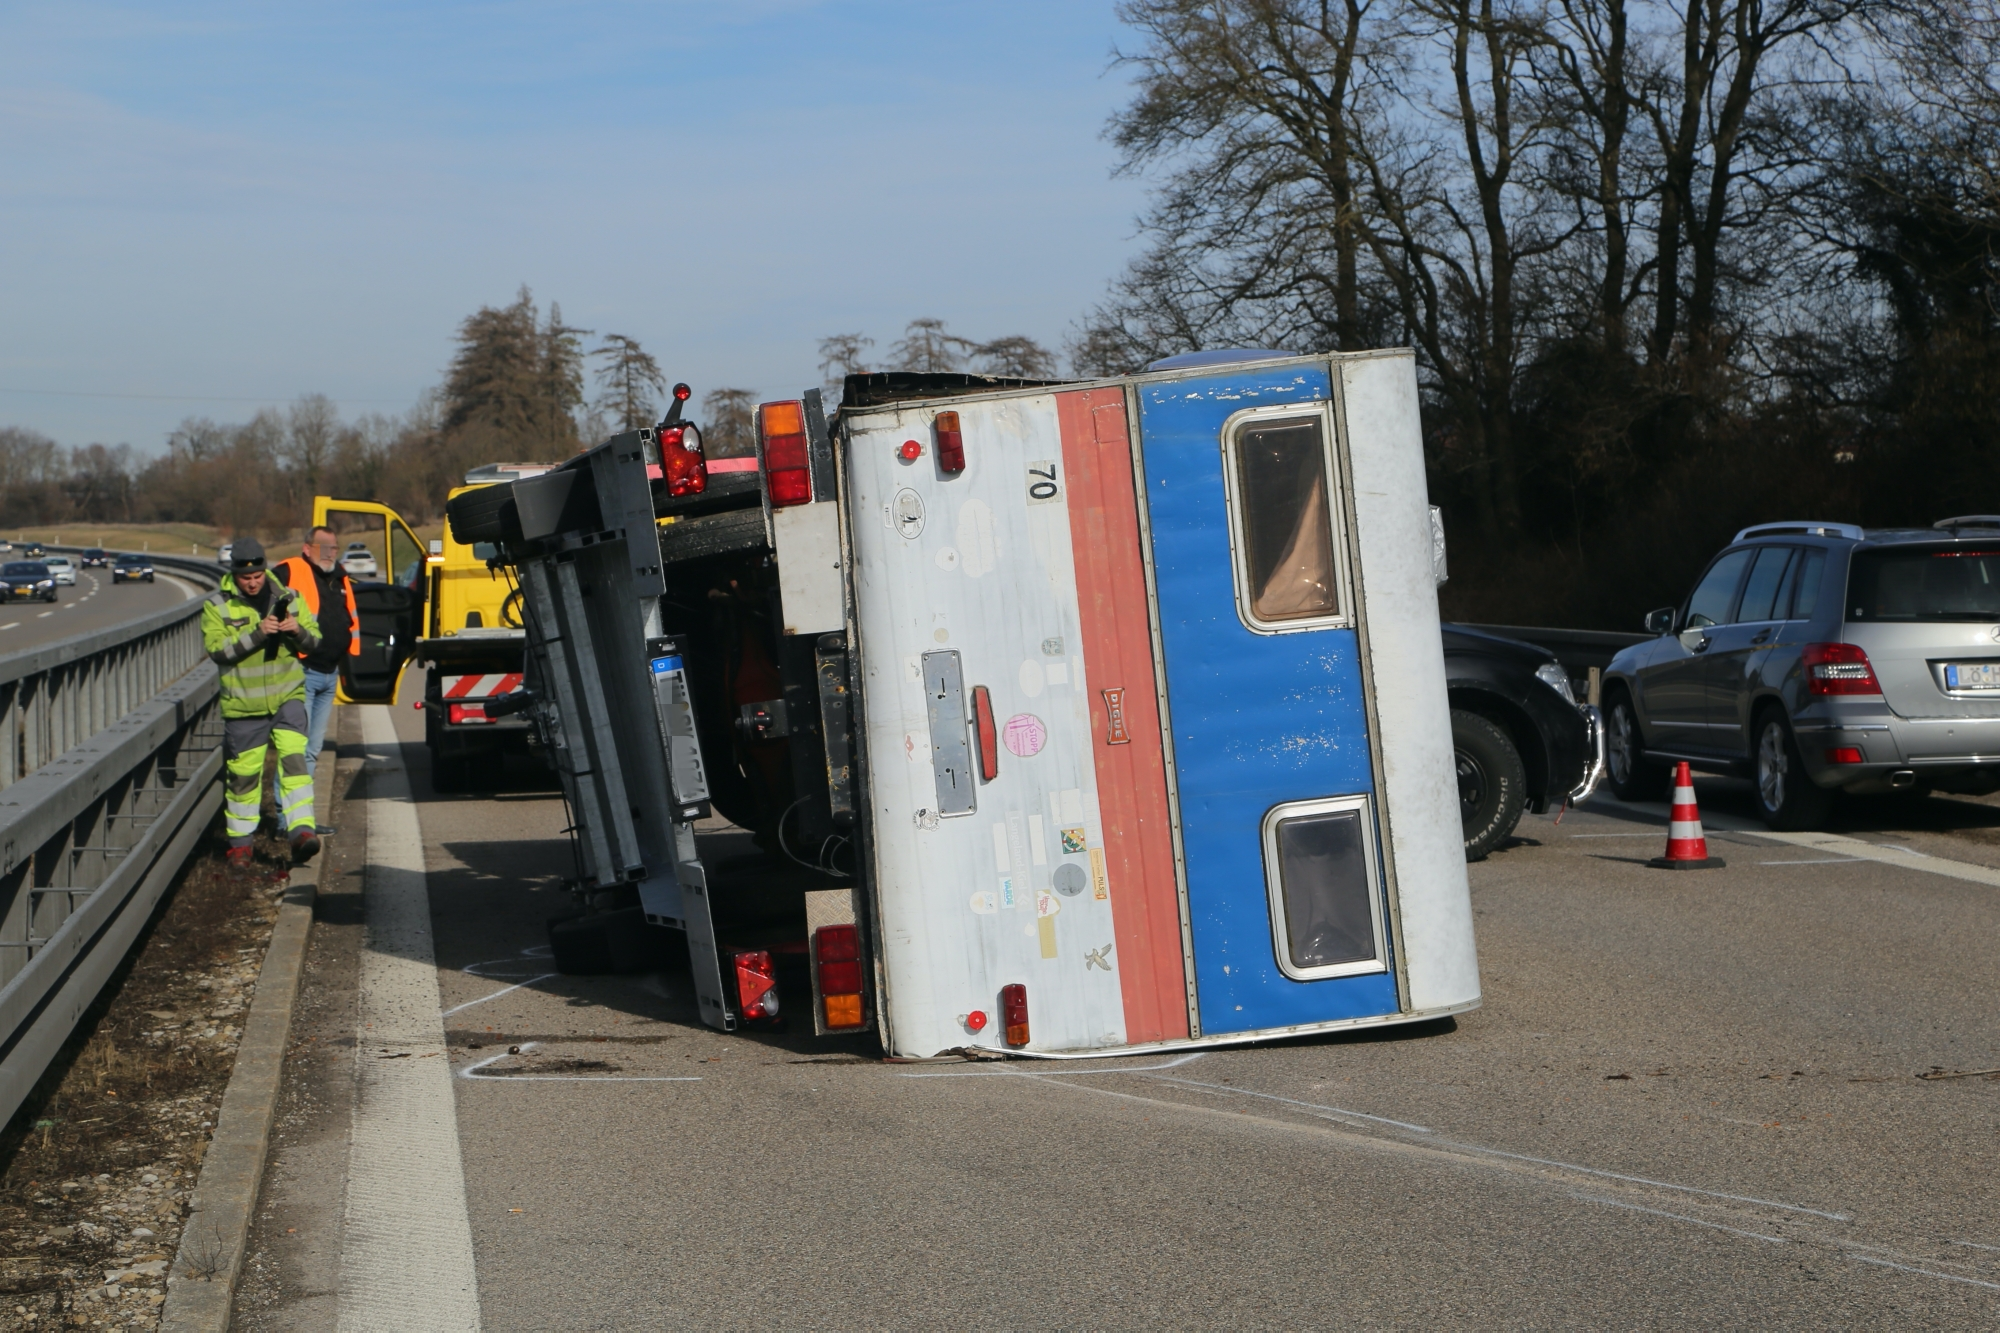 2020-02-15_A96_Aitrach_Memmingen_Unfall_Anhaenger_Wohnmobil_Polizei_IMG_6125